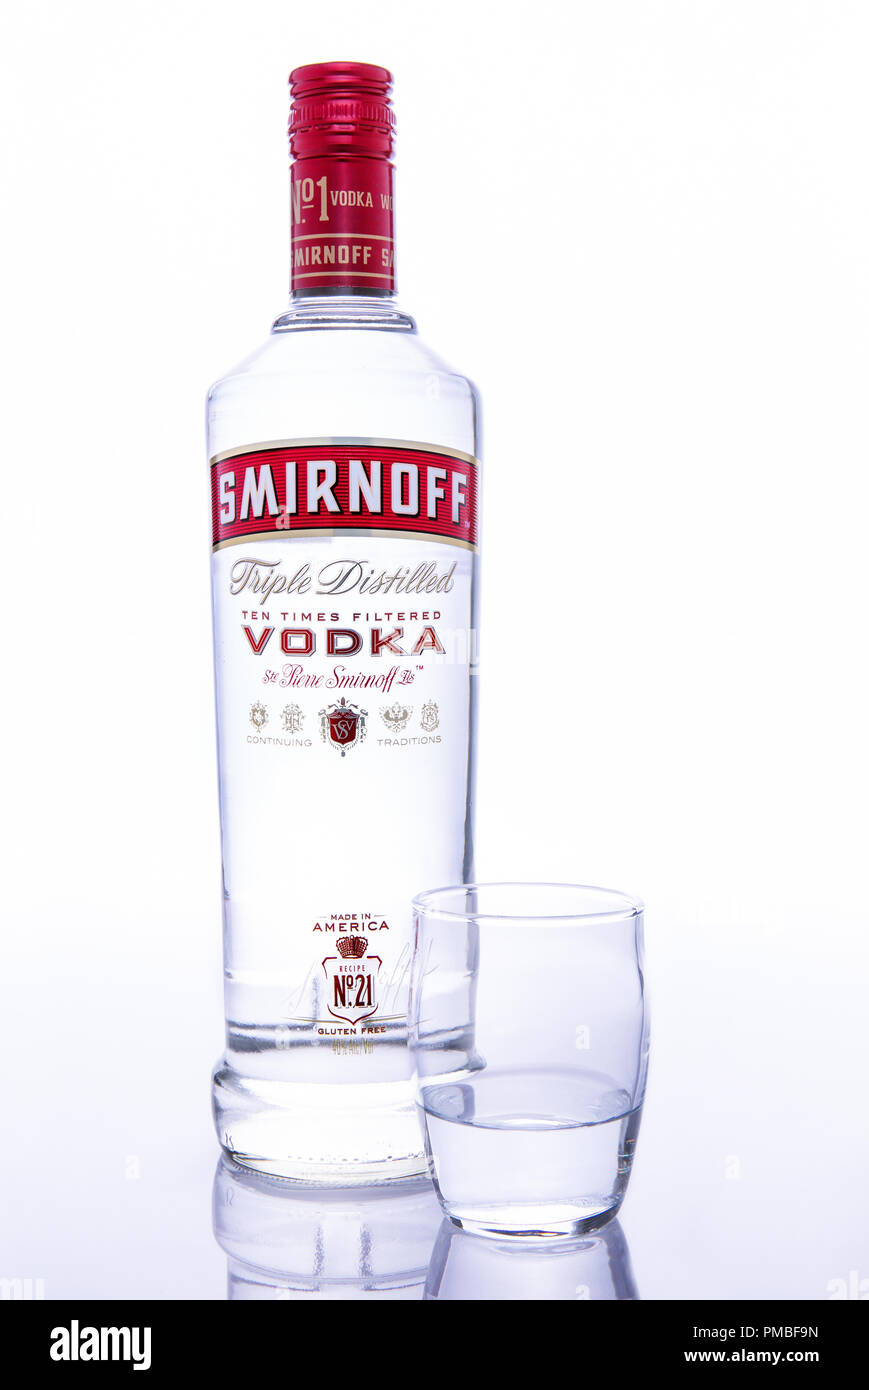 Bouteille de vodka Smirnoff avec shot glass against white background Banque D'Images